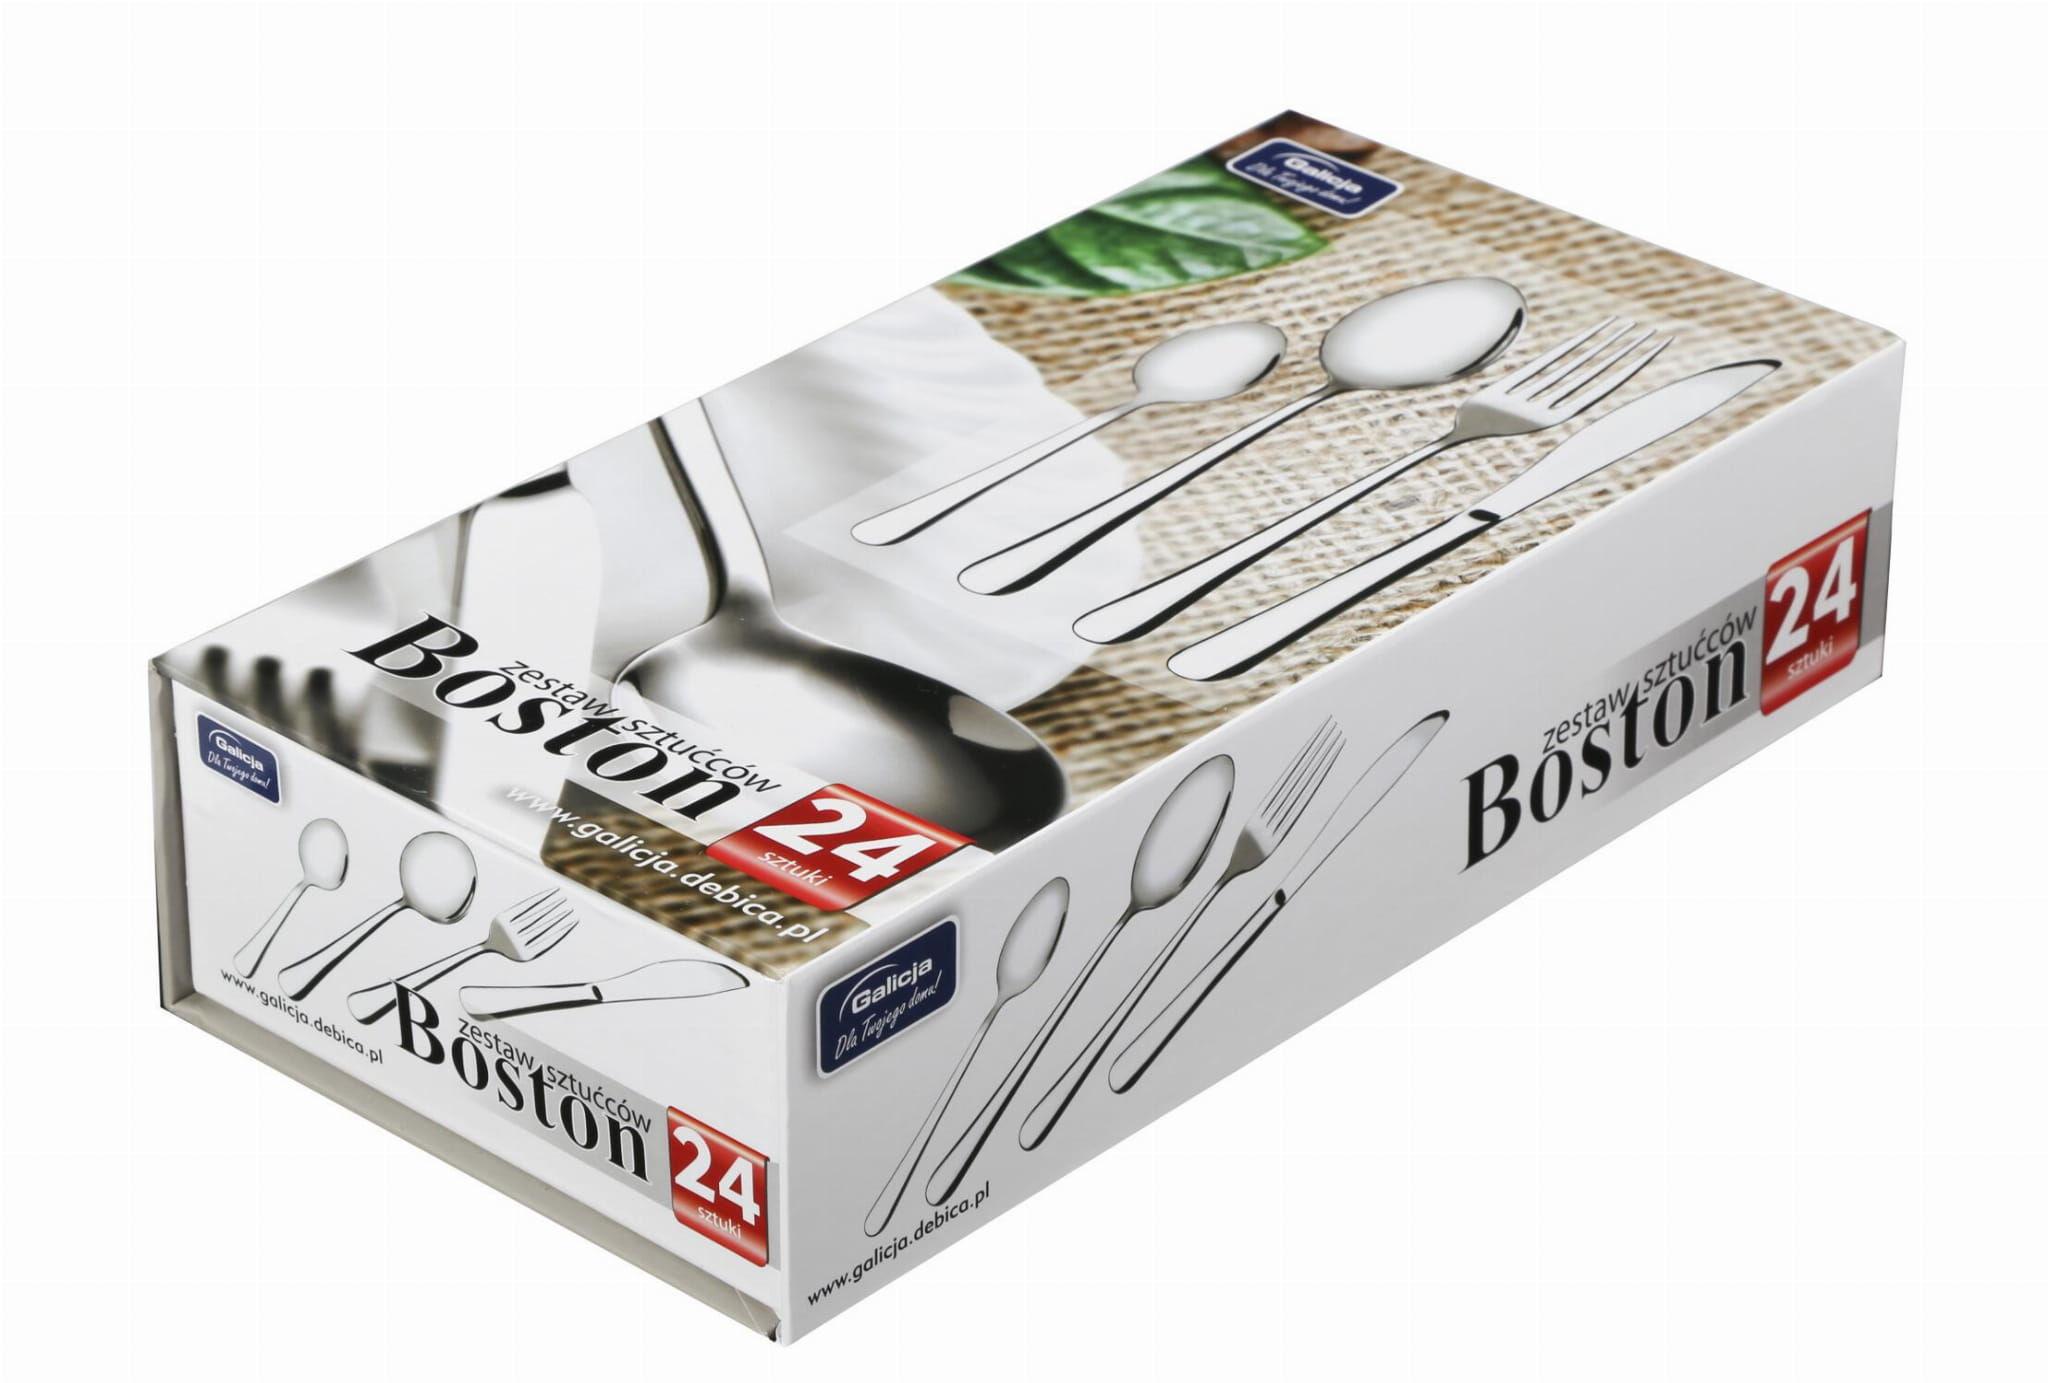 Zestaw sztućców BOSTON 24 części